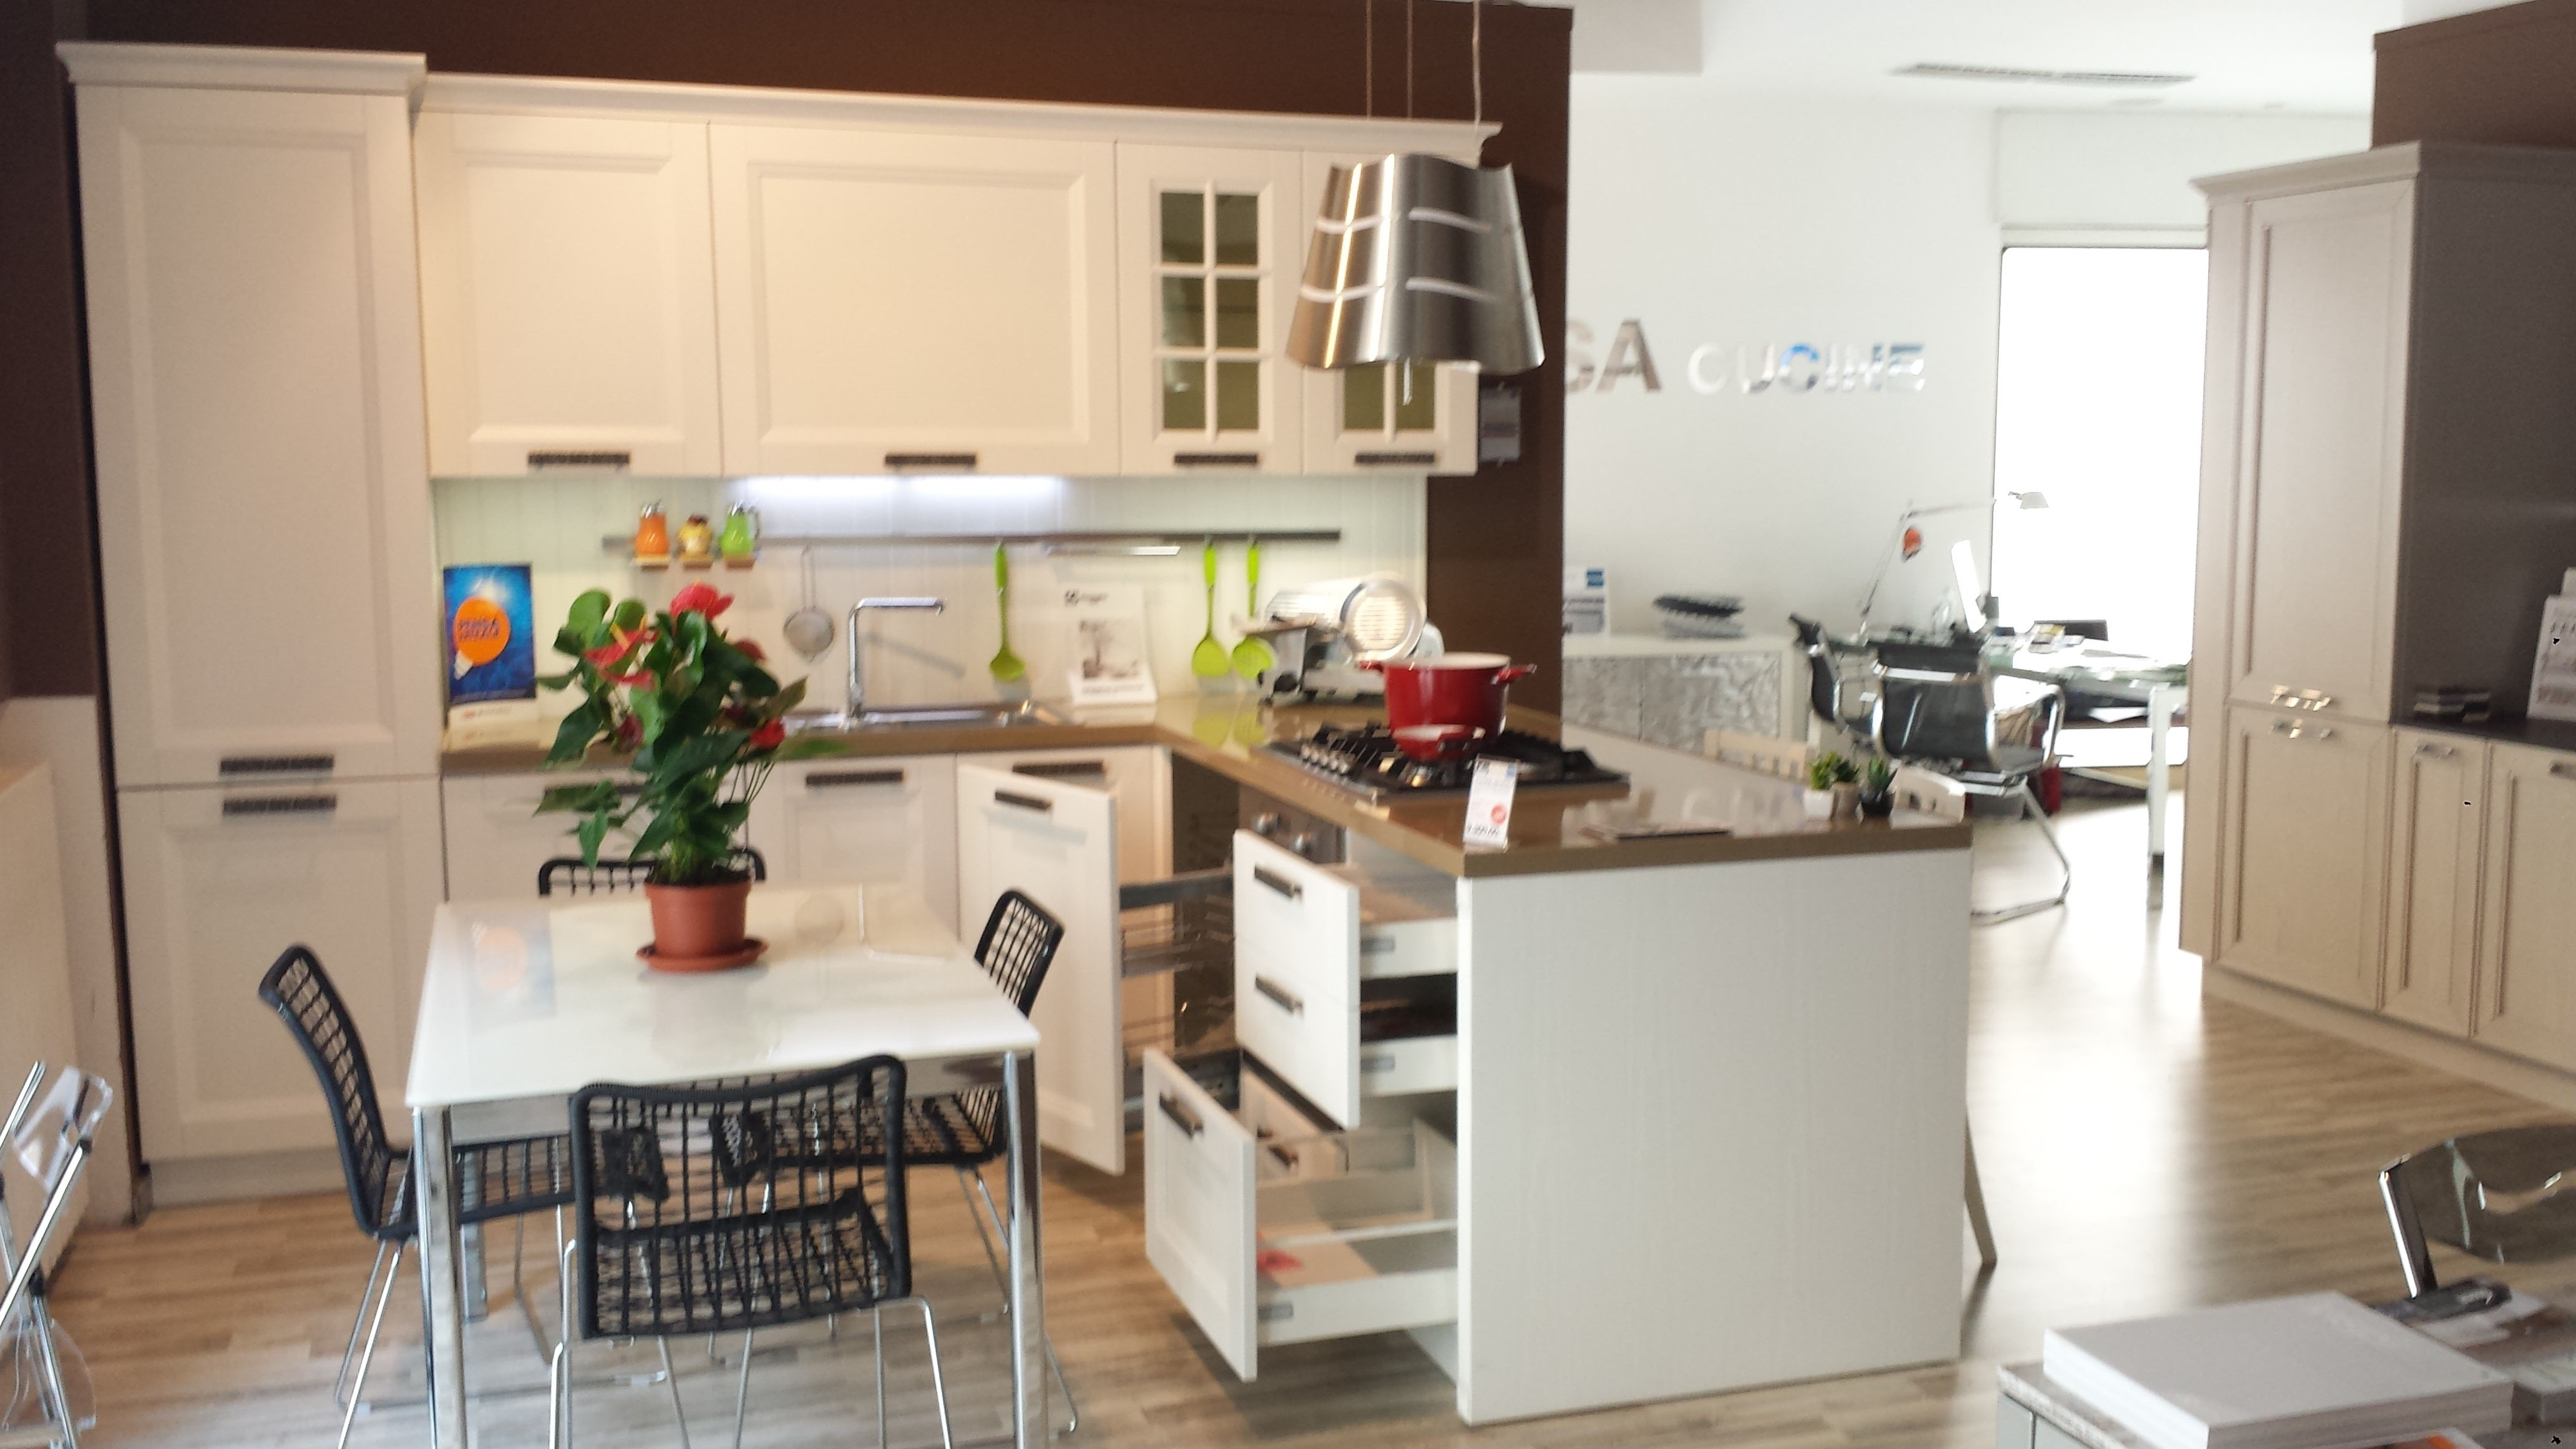 Stosa Cucine Cucina Beverly Classica Legno Bianca Cucine